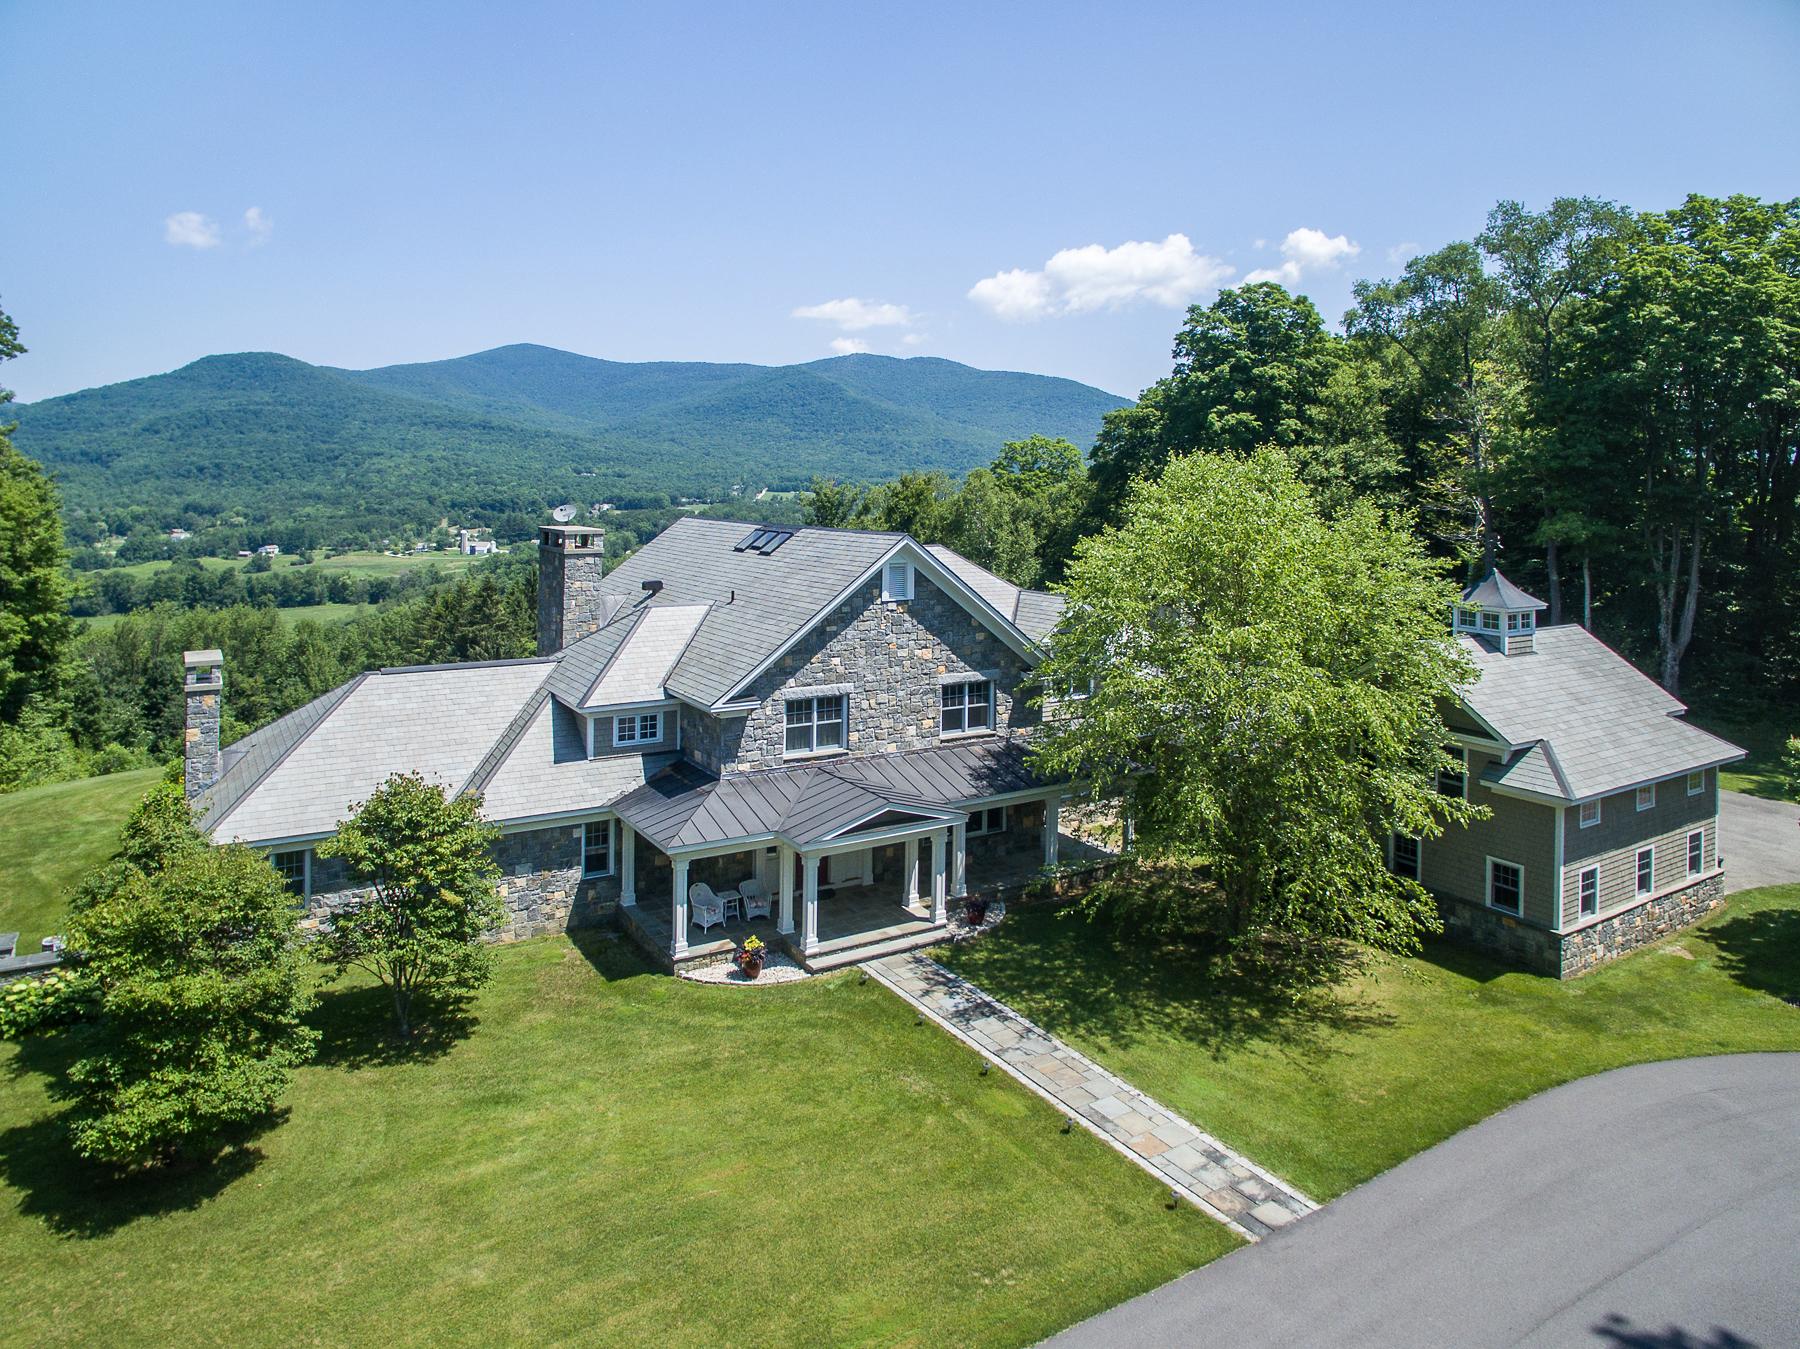 Casa Unifamiliar por un Venta en 300 Nims Road, Dorset 300 Nims Rd Dorset, Vermont 05251 Estados Unidos